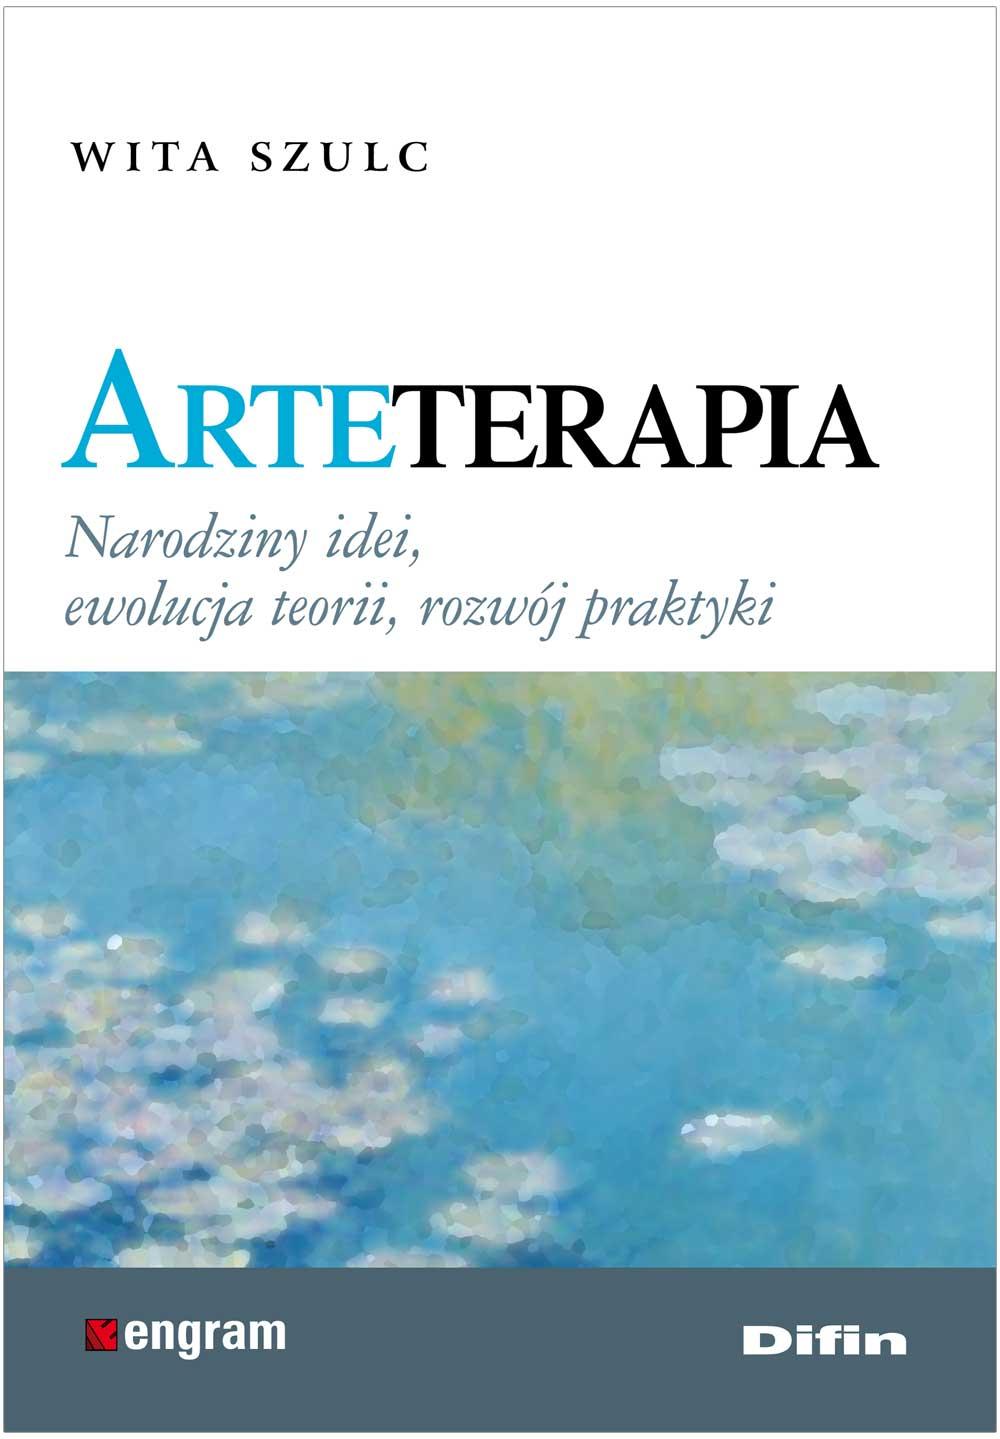 """""""Arteterapia. Narodziny idei, ewolucja teorii, rozwój praktyki"""", Wita Szulc"""